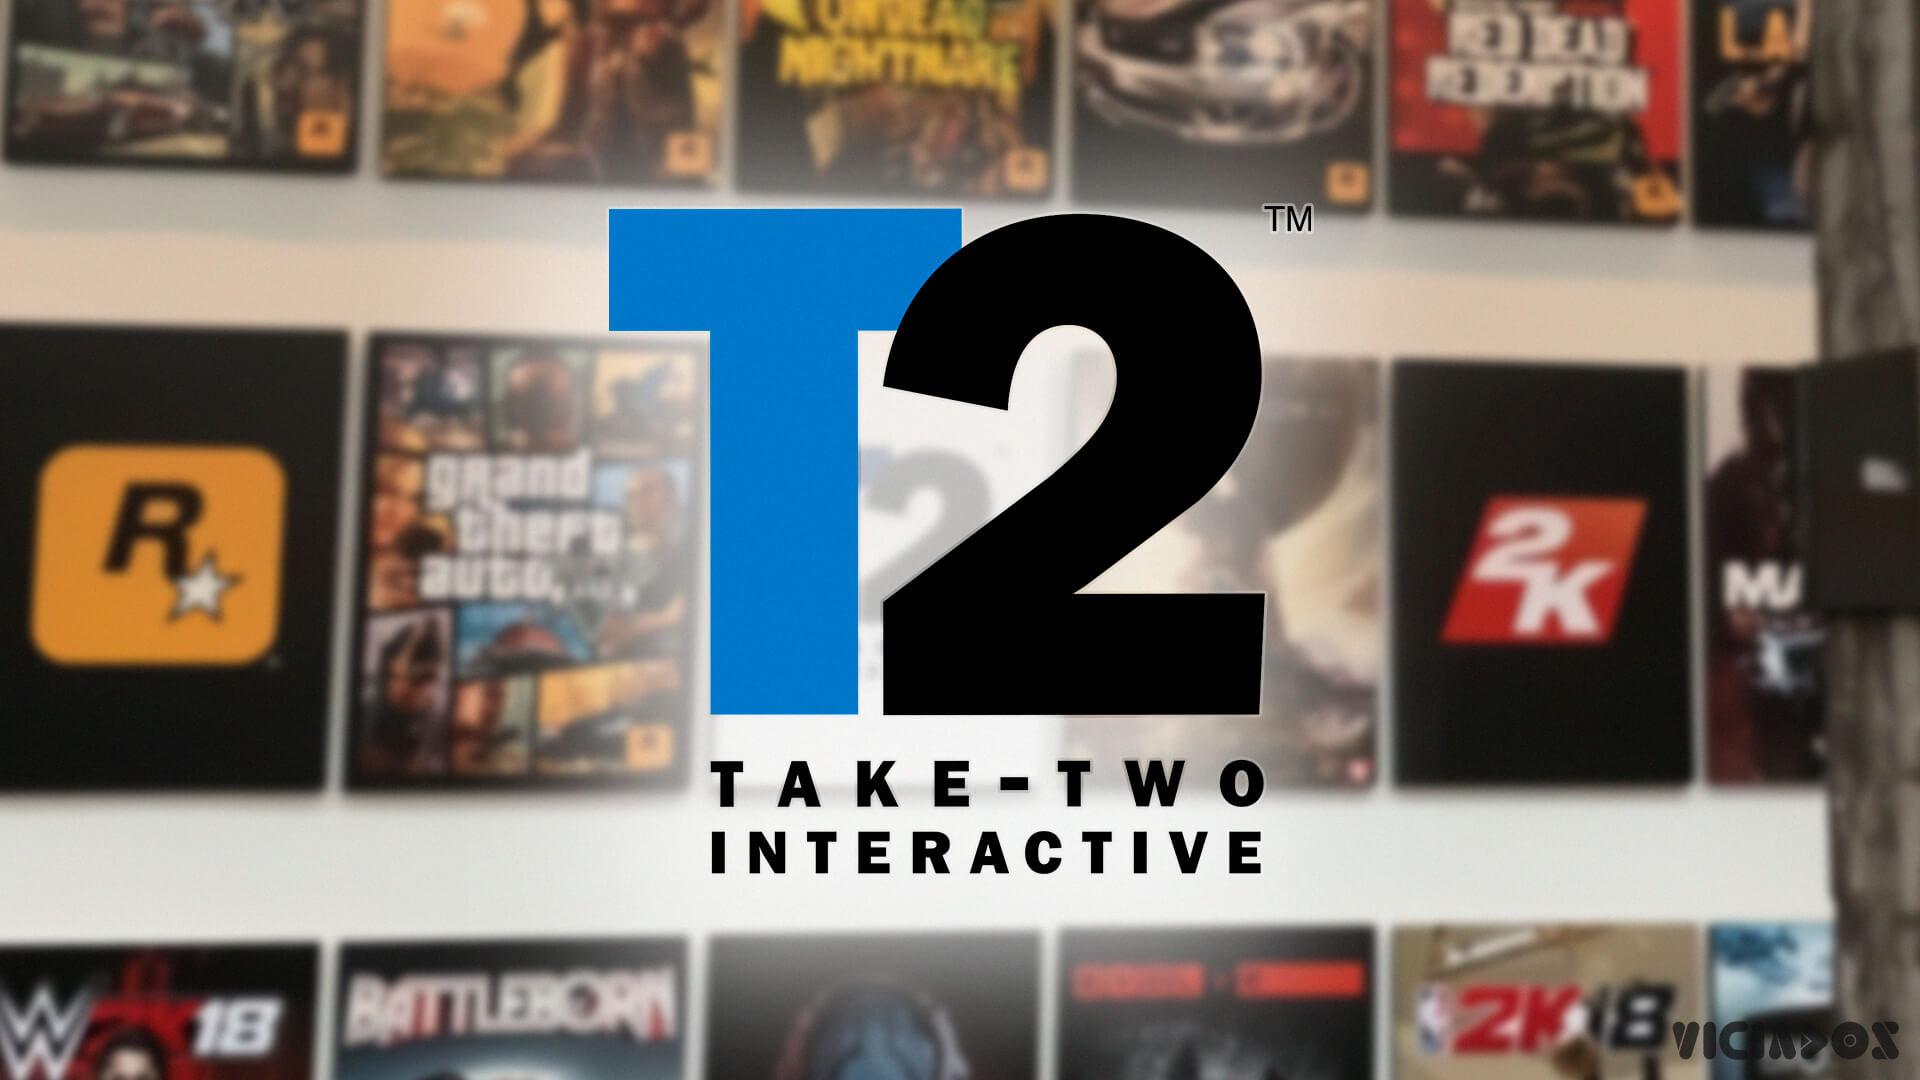 Durante a última reunião com acionistas da Take Two, a administração afirmou que tem a intenção de lançar 62 jogos nos próximos três anos.